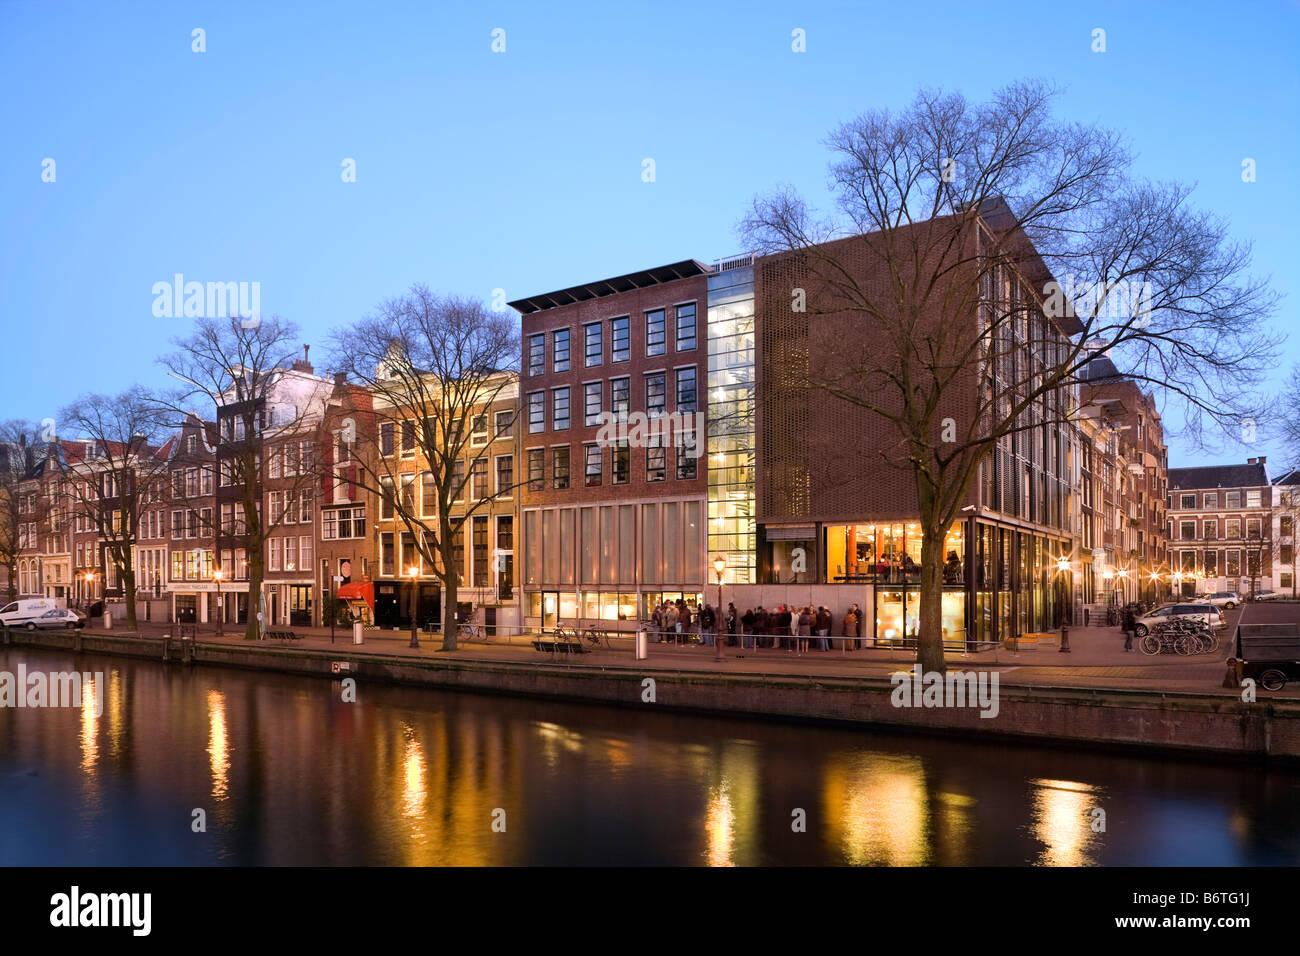 Anne Frank Huis, Haus und Museum am Prinsengracht Kanal in Amsterdam, Niederlande; Holland. Bei Einbruch der Dunkelheit Stockbild